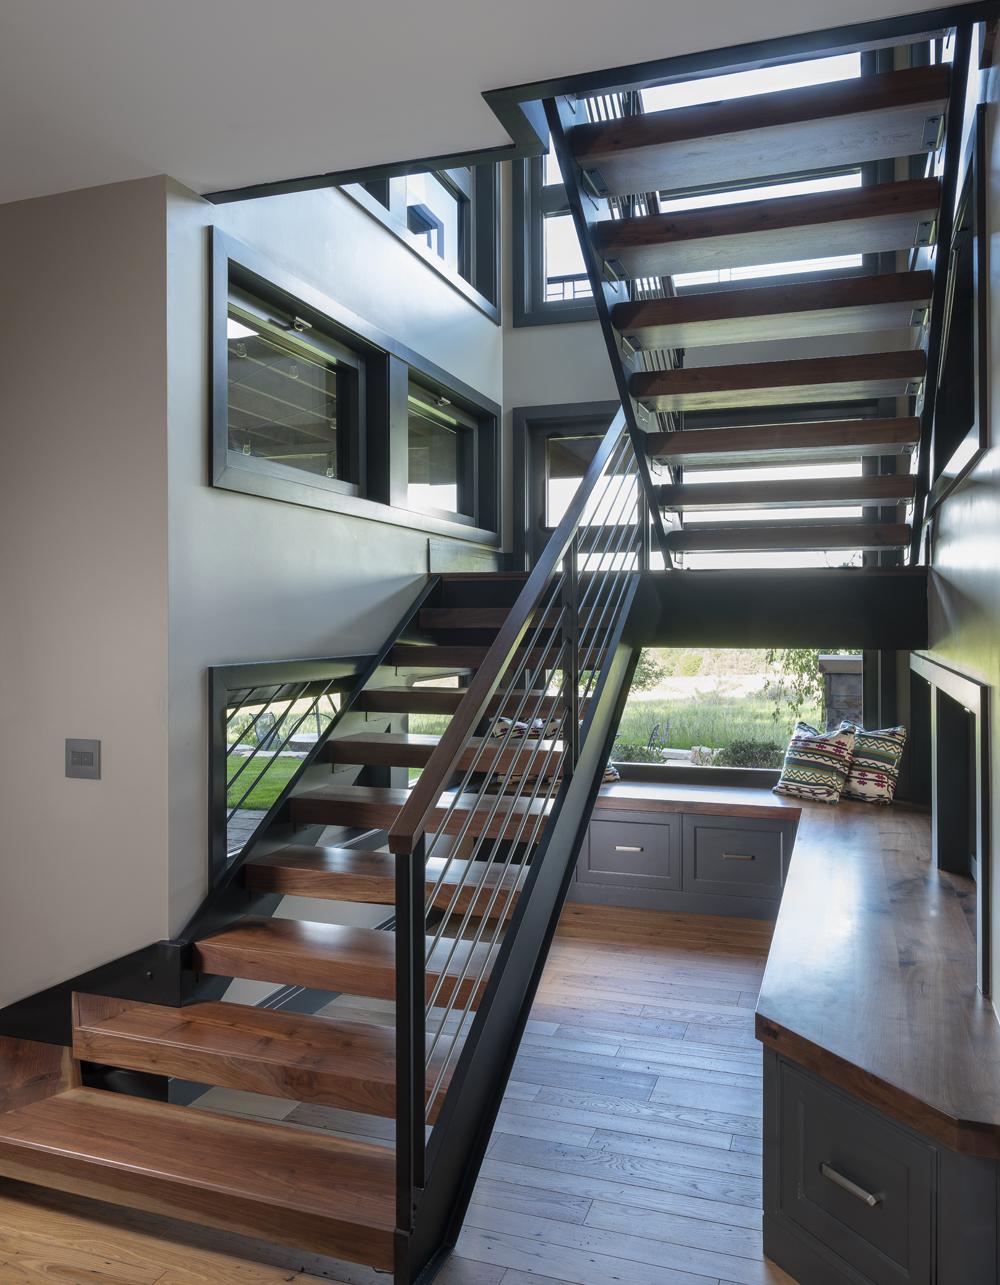 34-Lower Stairs.jpg